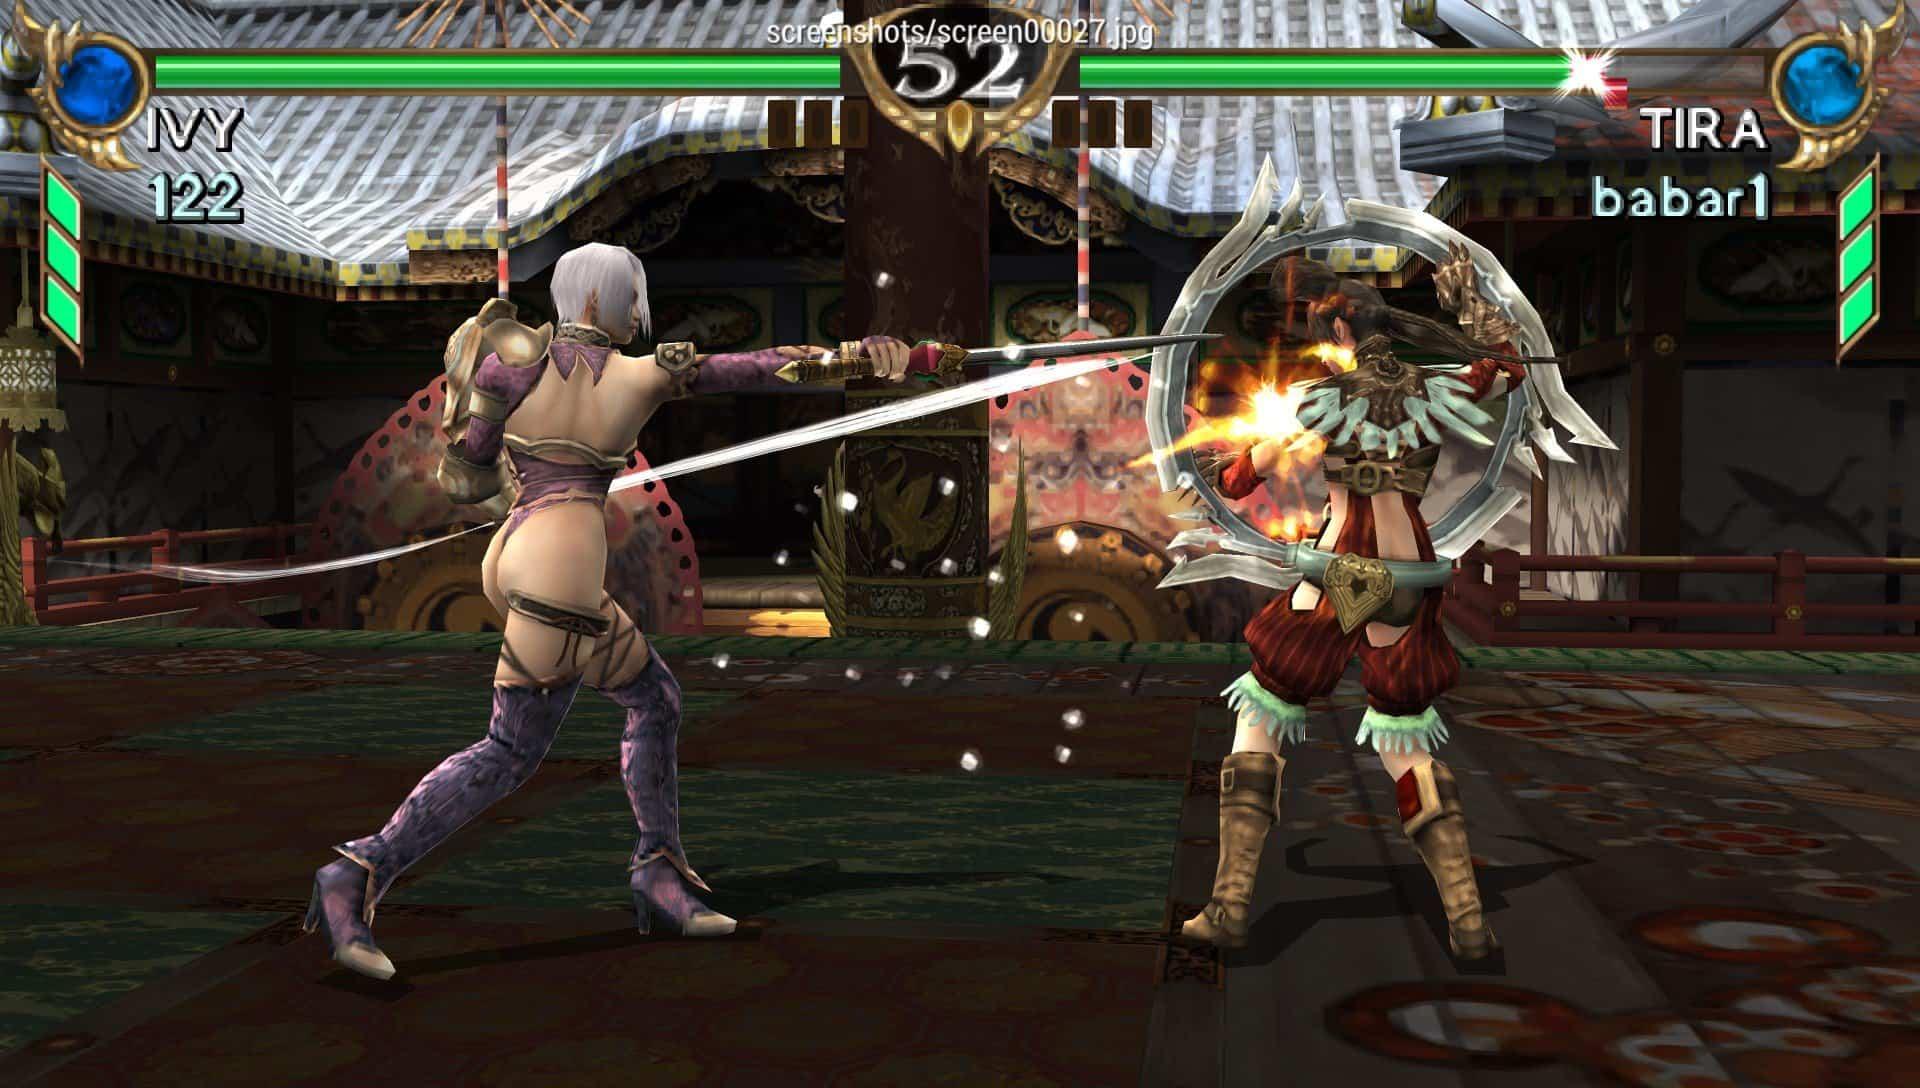 soulcalibur-1 Lista de jogos compatíveis com PPSSPP (Emulador do PSP para Android)